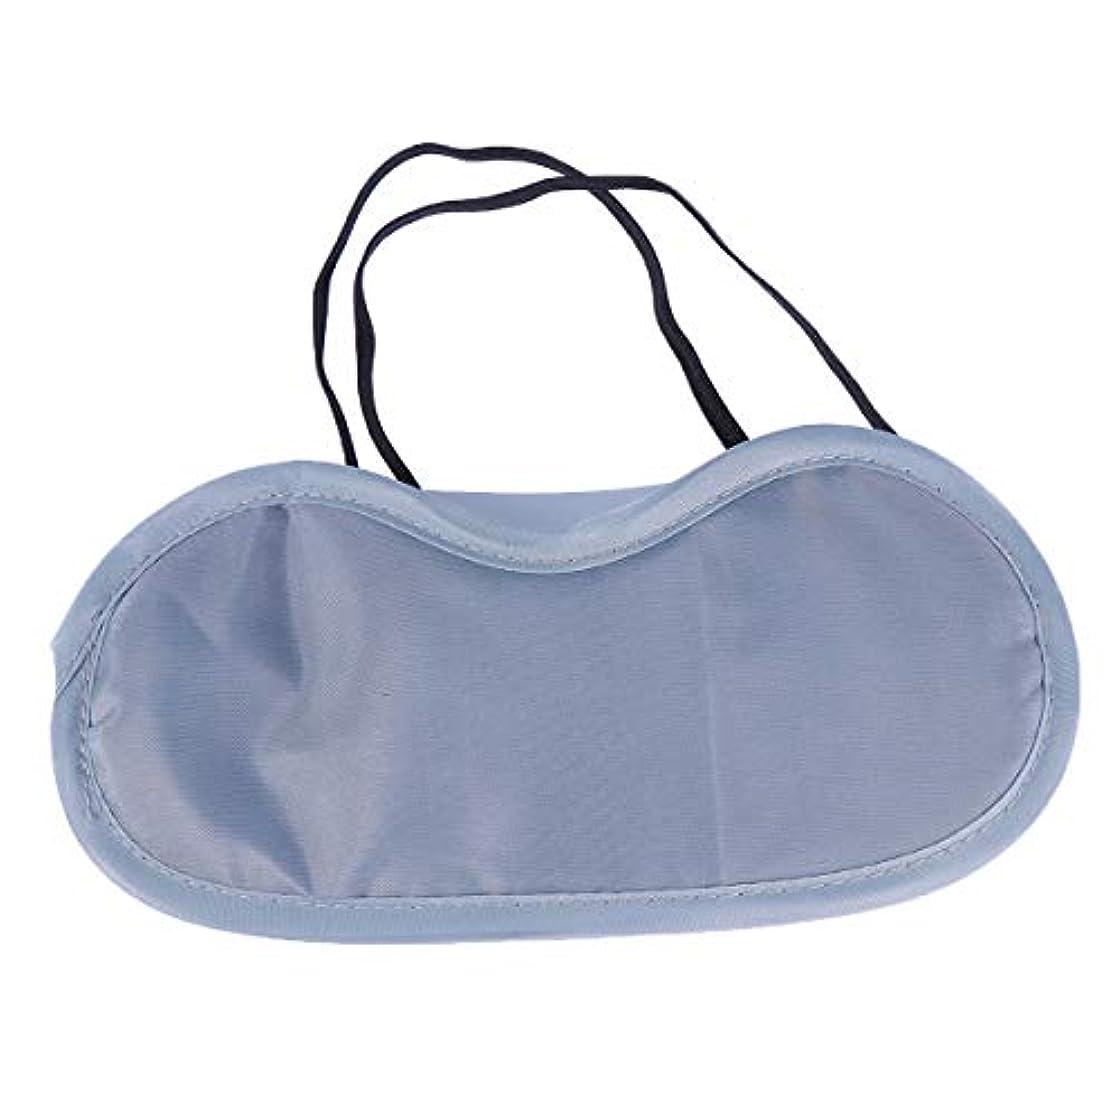 Healifty ポータブルスリープアイマスク疲労軽減通気性アイパッド